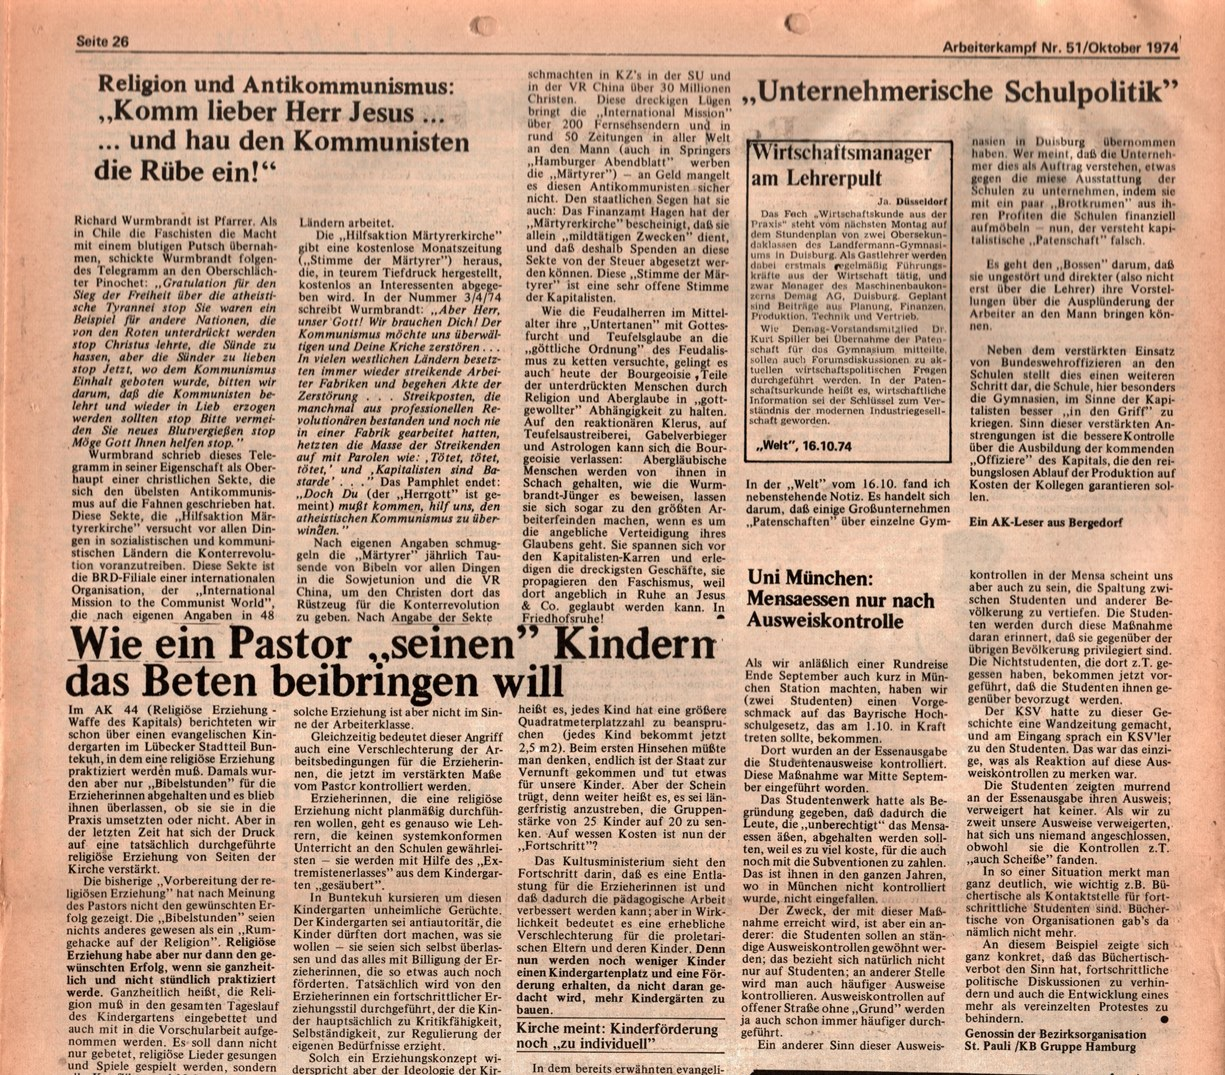 KB_AK_1974_051_053